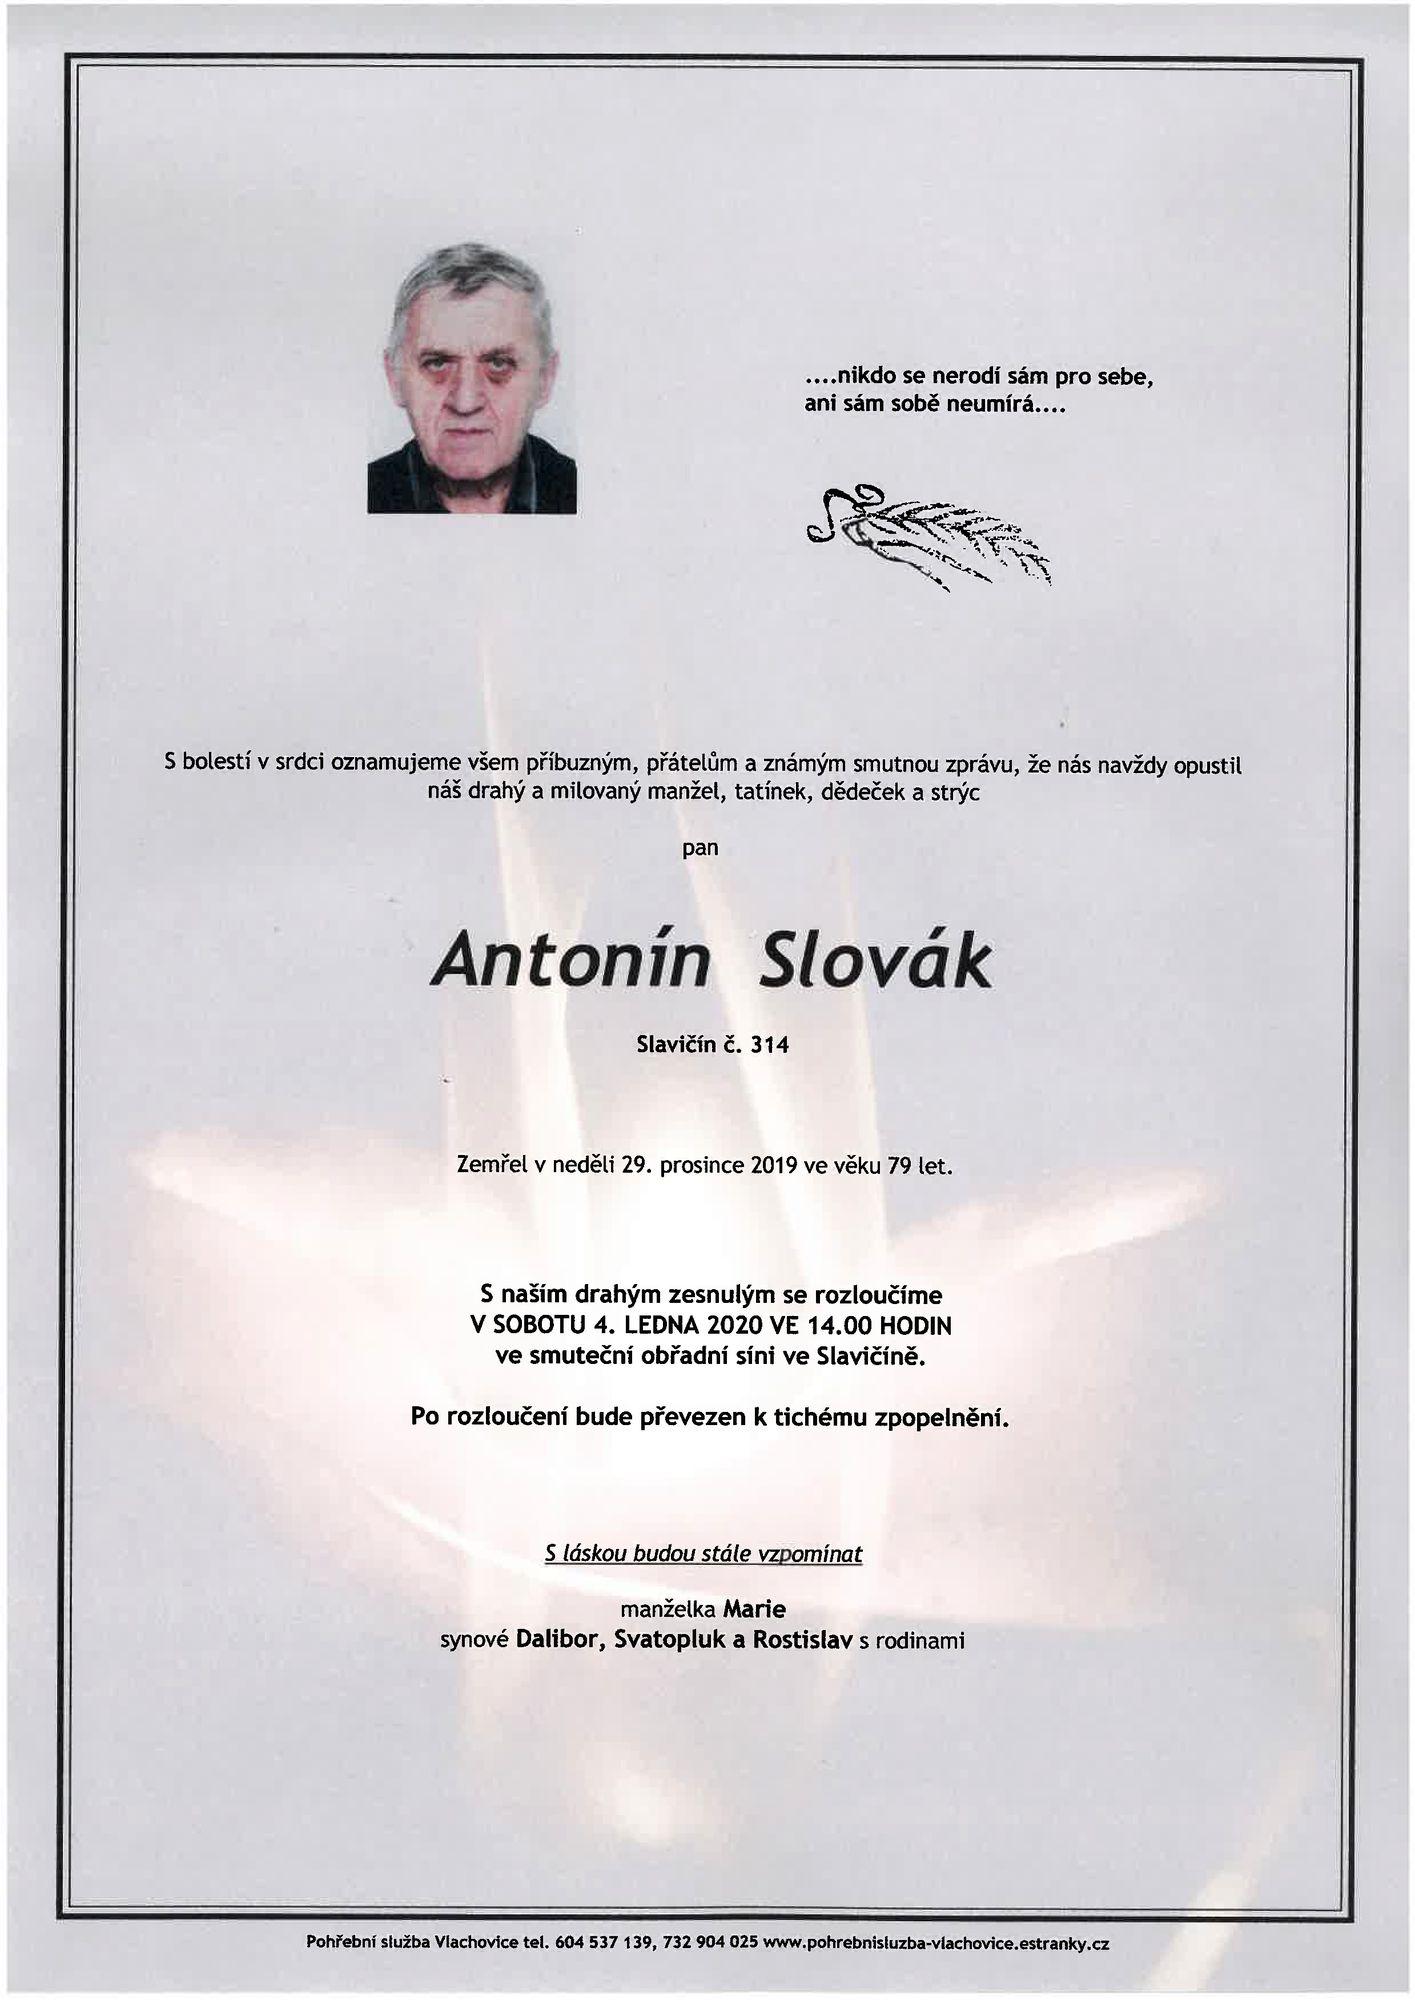 Antonín Slovák